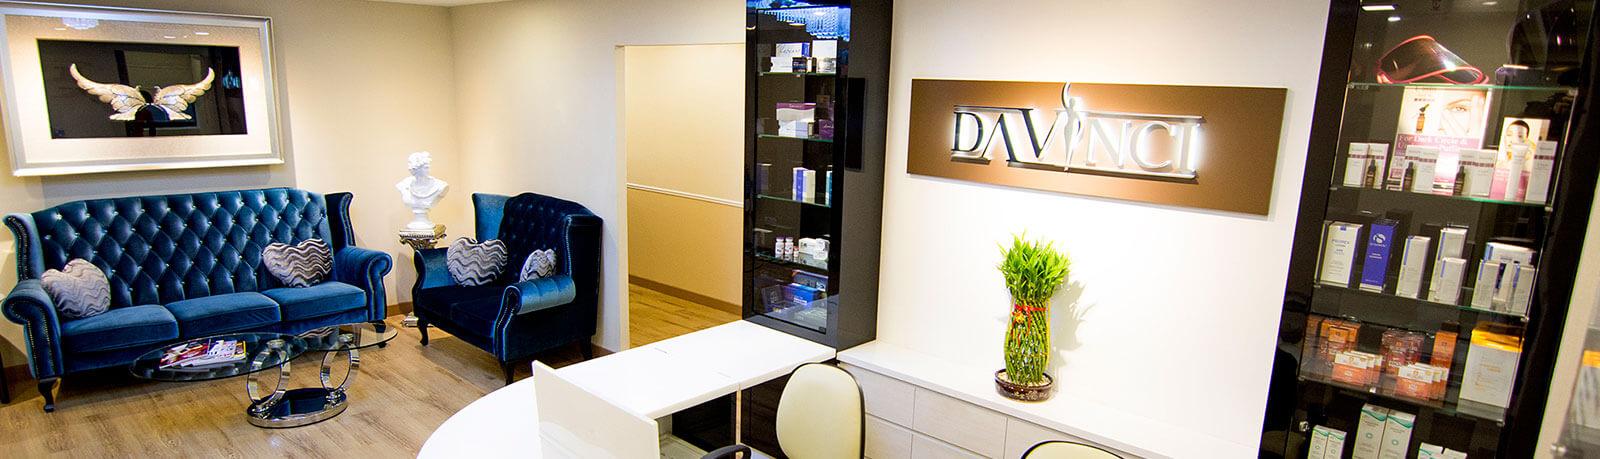 DaVinci Clinic Cheras